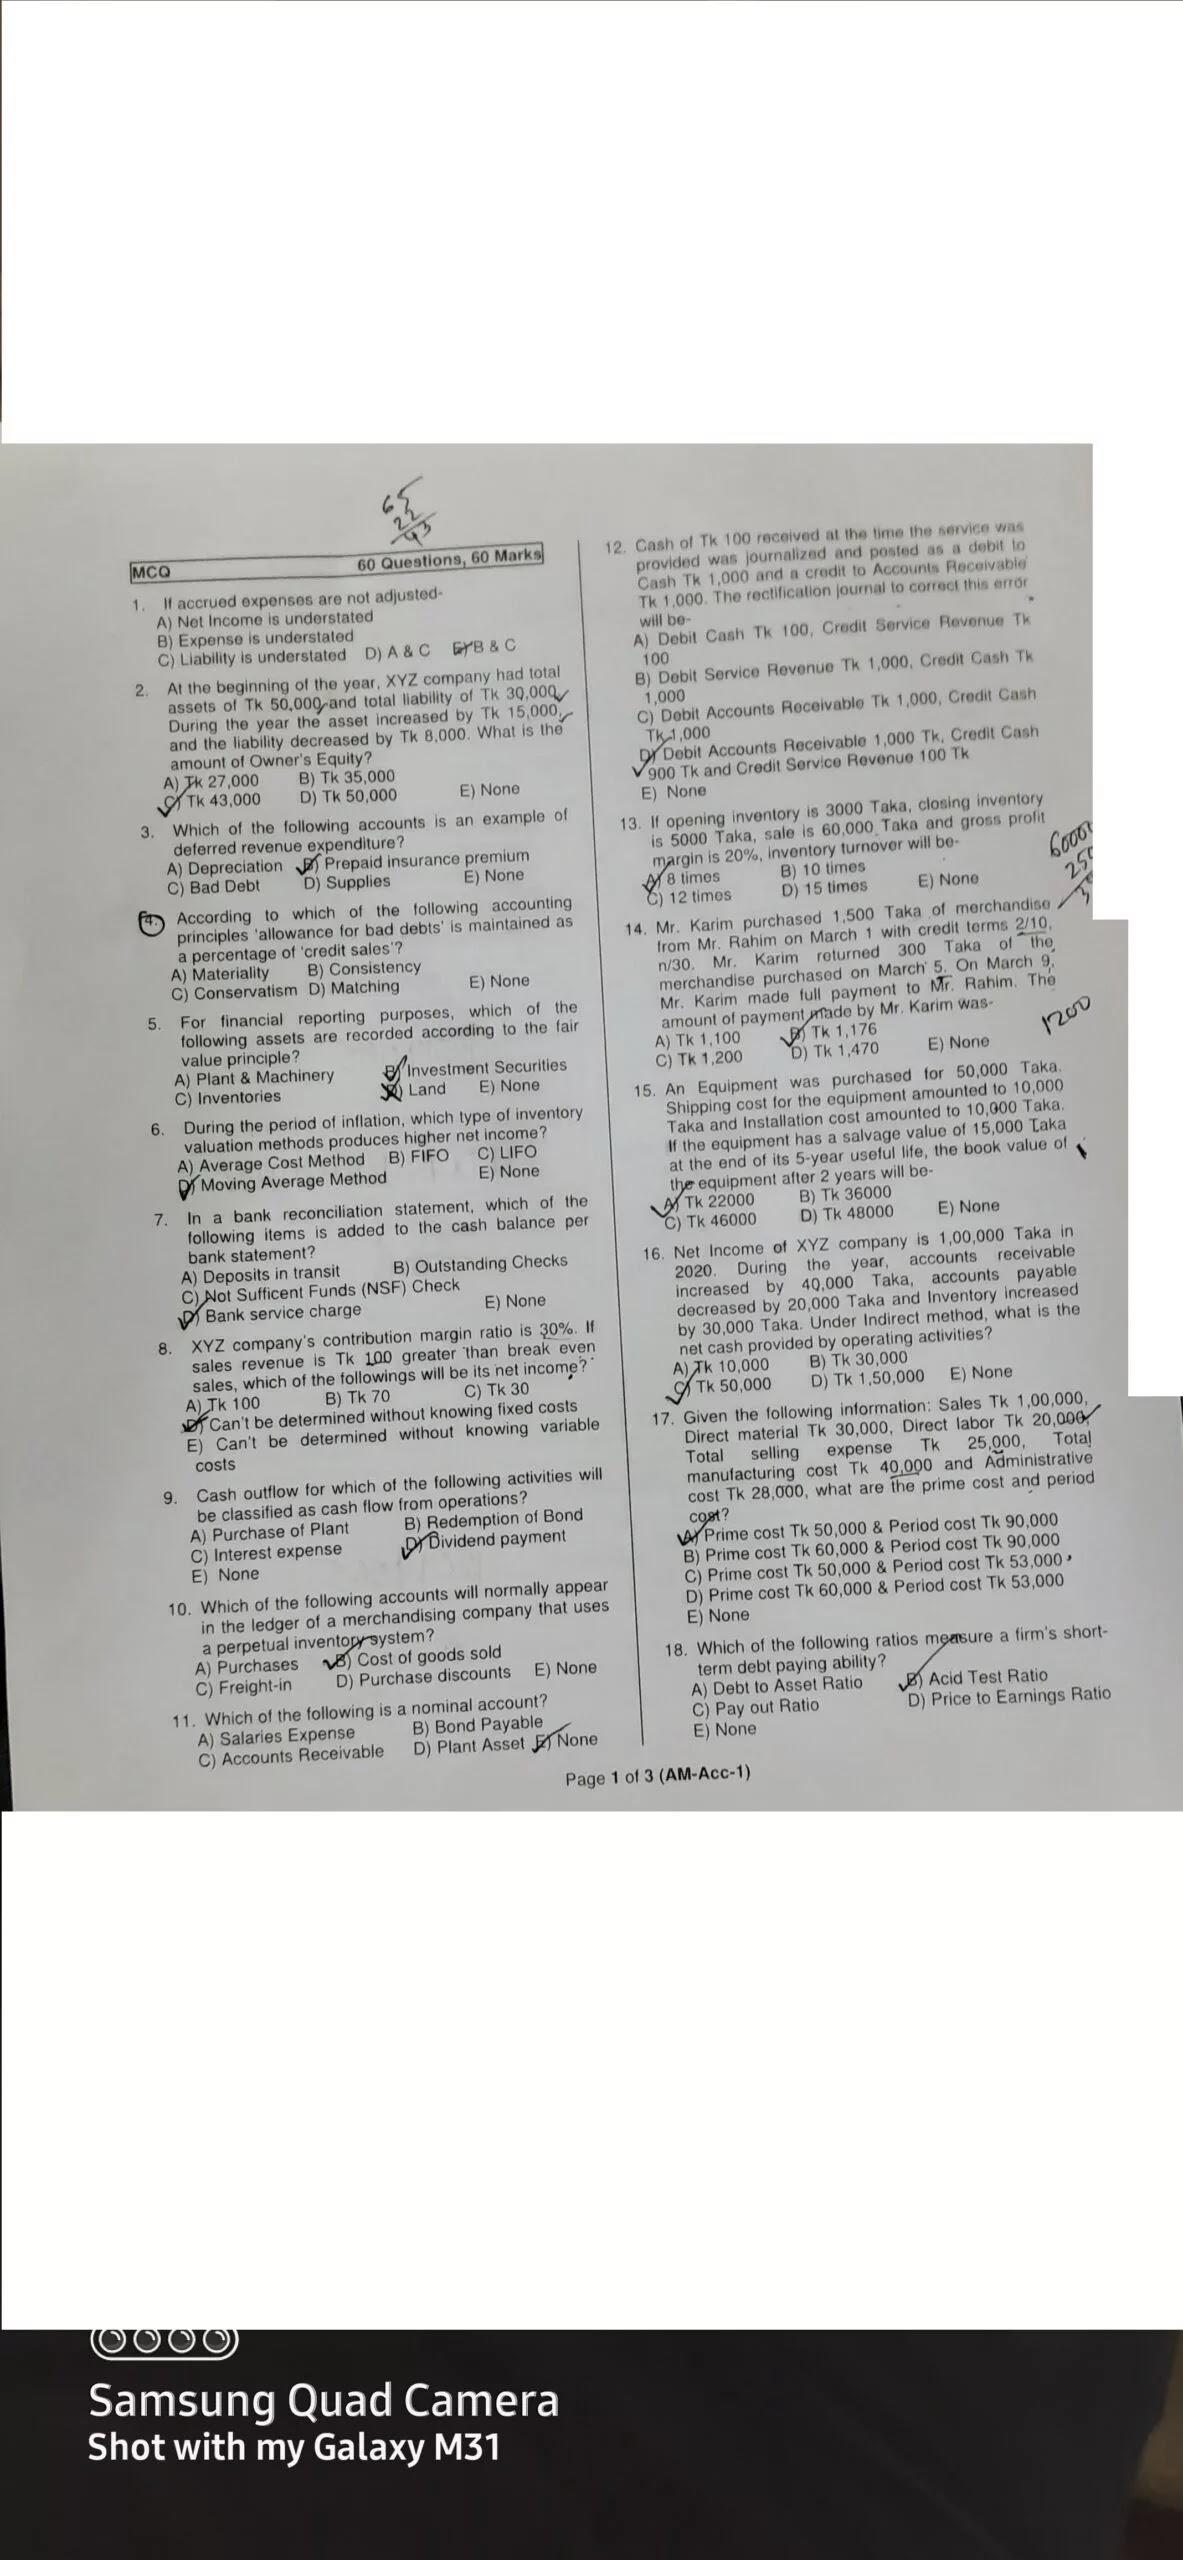 তিতাস গ্যাস কোম্পানী Titas Gas Exam Question Solution 2021 (TGTDCL) এর নিয়োগ পরীক্ষার প্রশ্ন সমাধান ২০২১